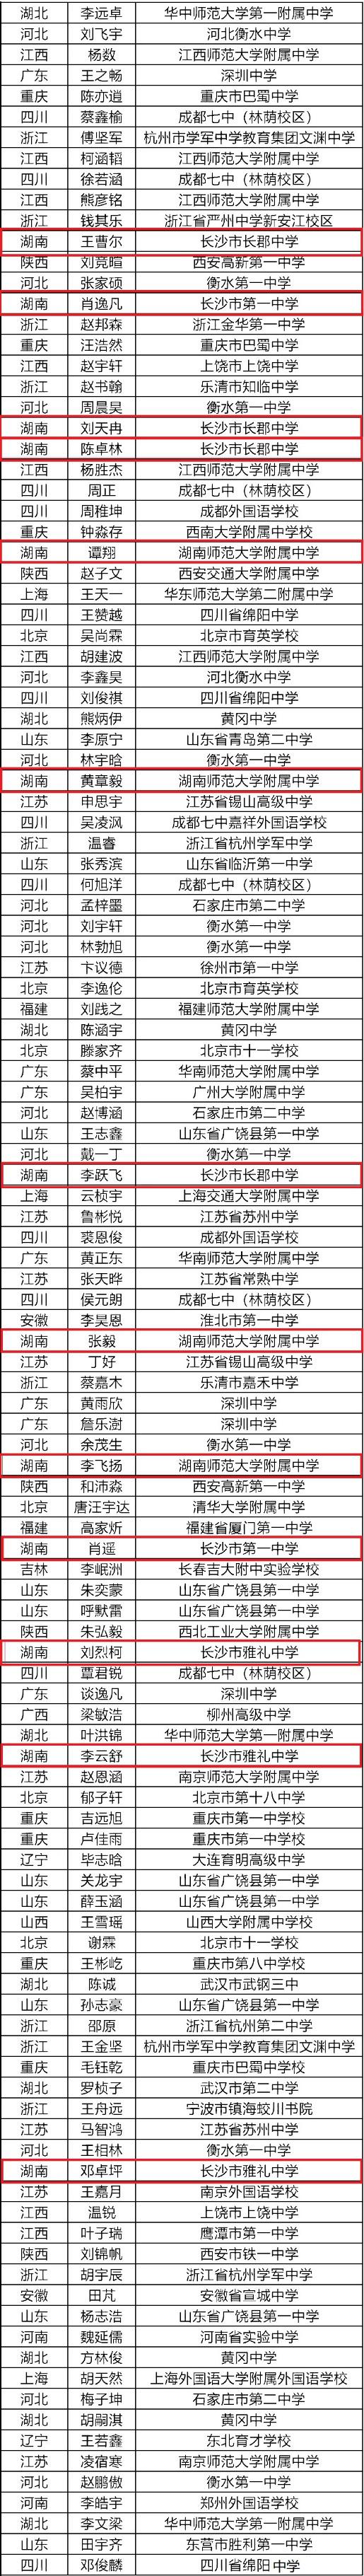 以下金牌名单为官方公示版,正式名单以中国化学会最终公布为准